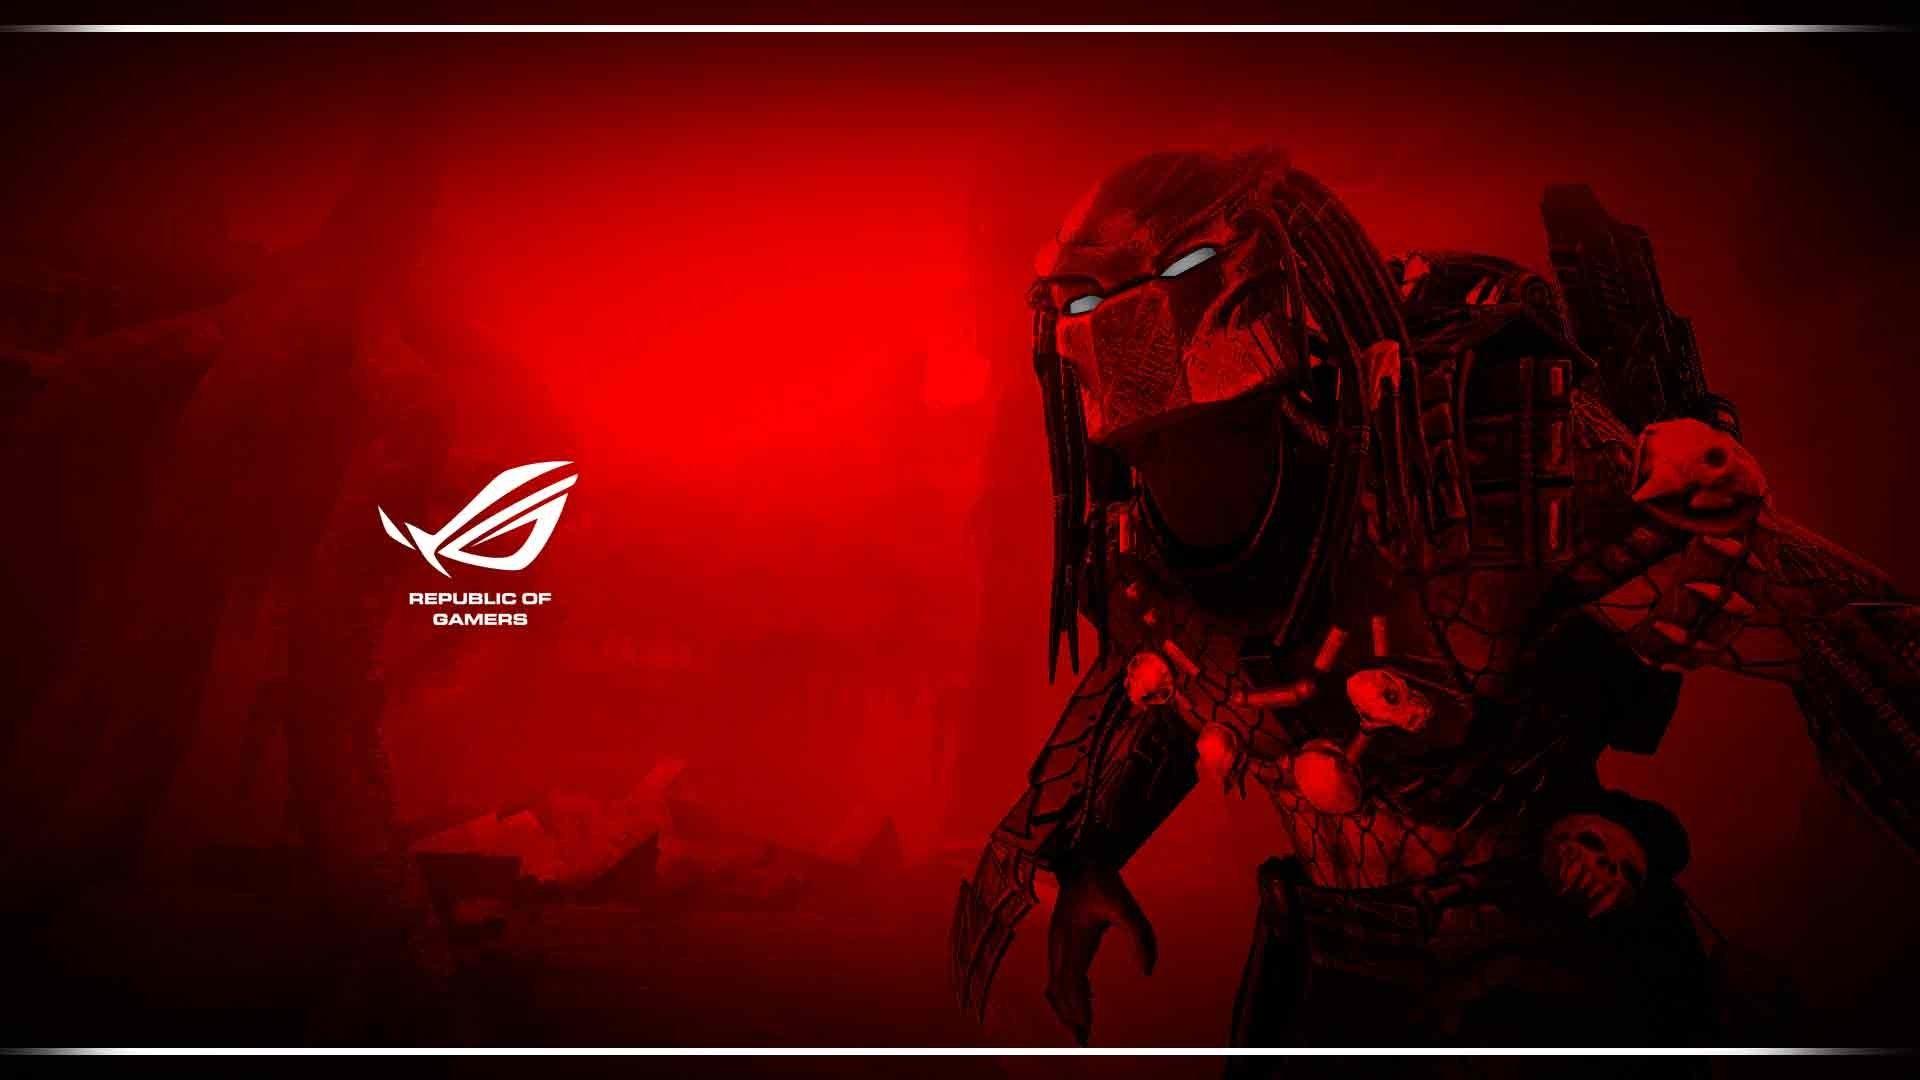 4k alienware wallpaper 72 images 1920x1200 alienware backgrounds 1 alienware backgrounds 2 voltagebd Choice Image